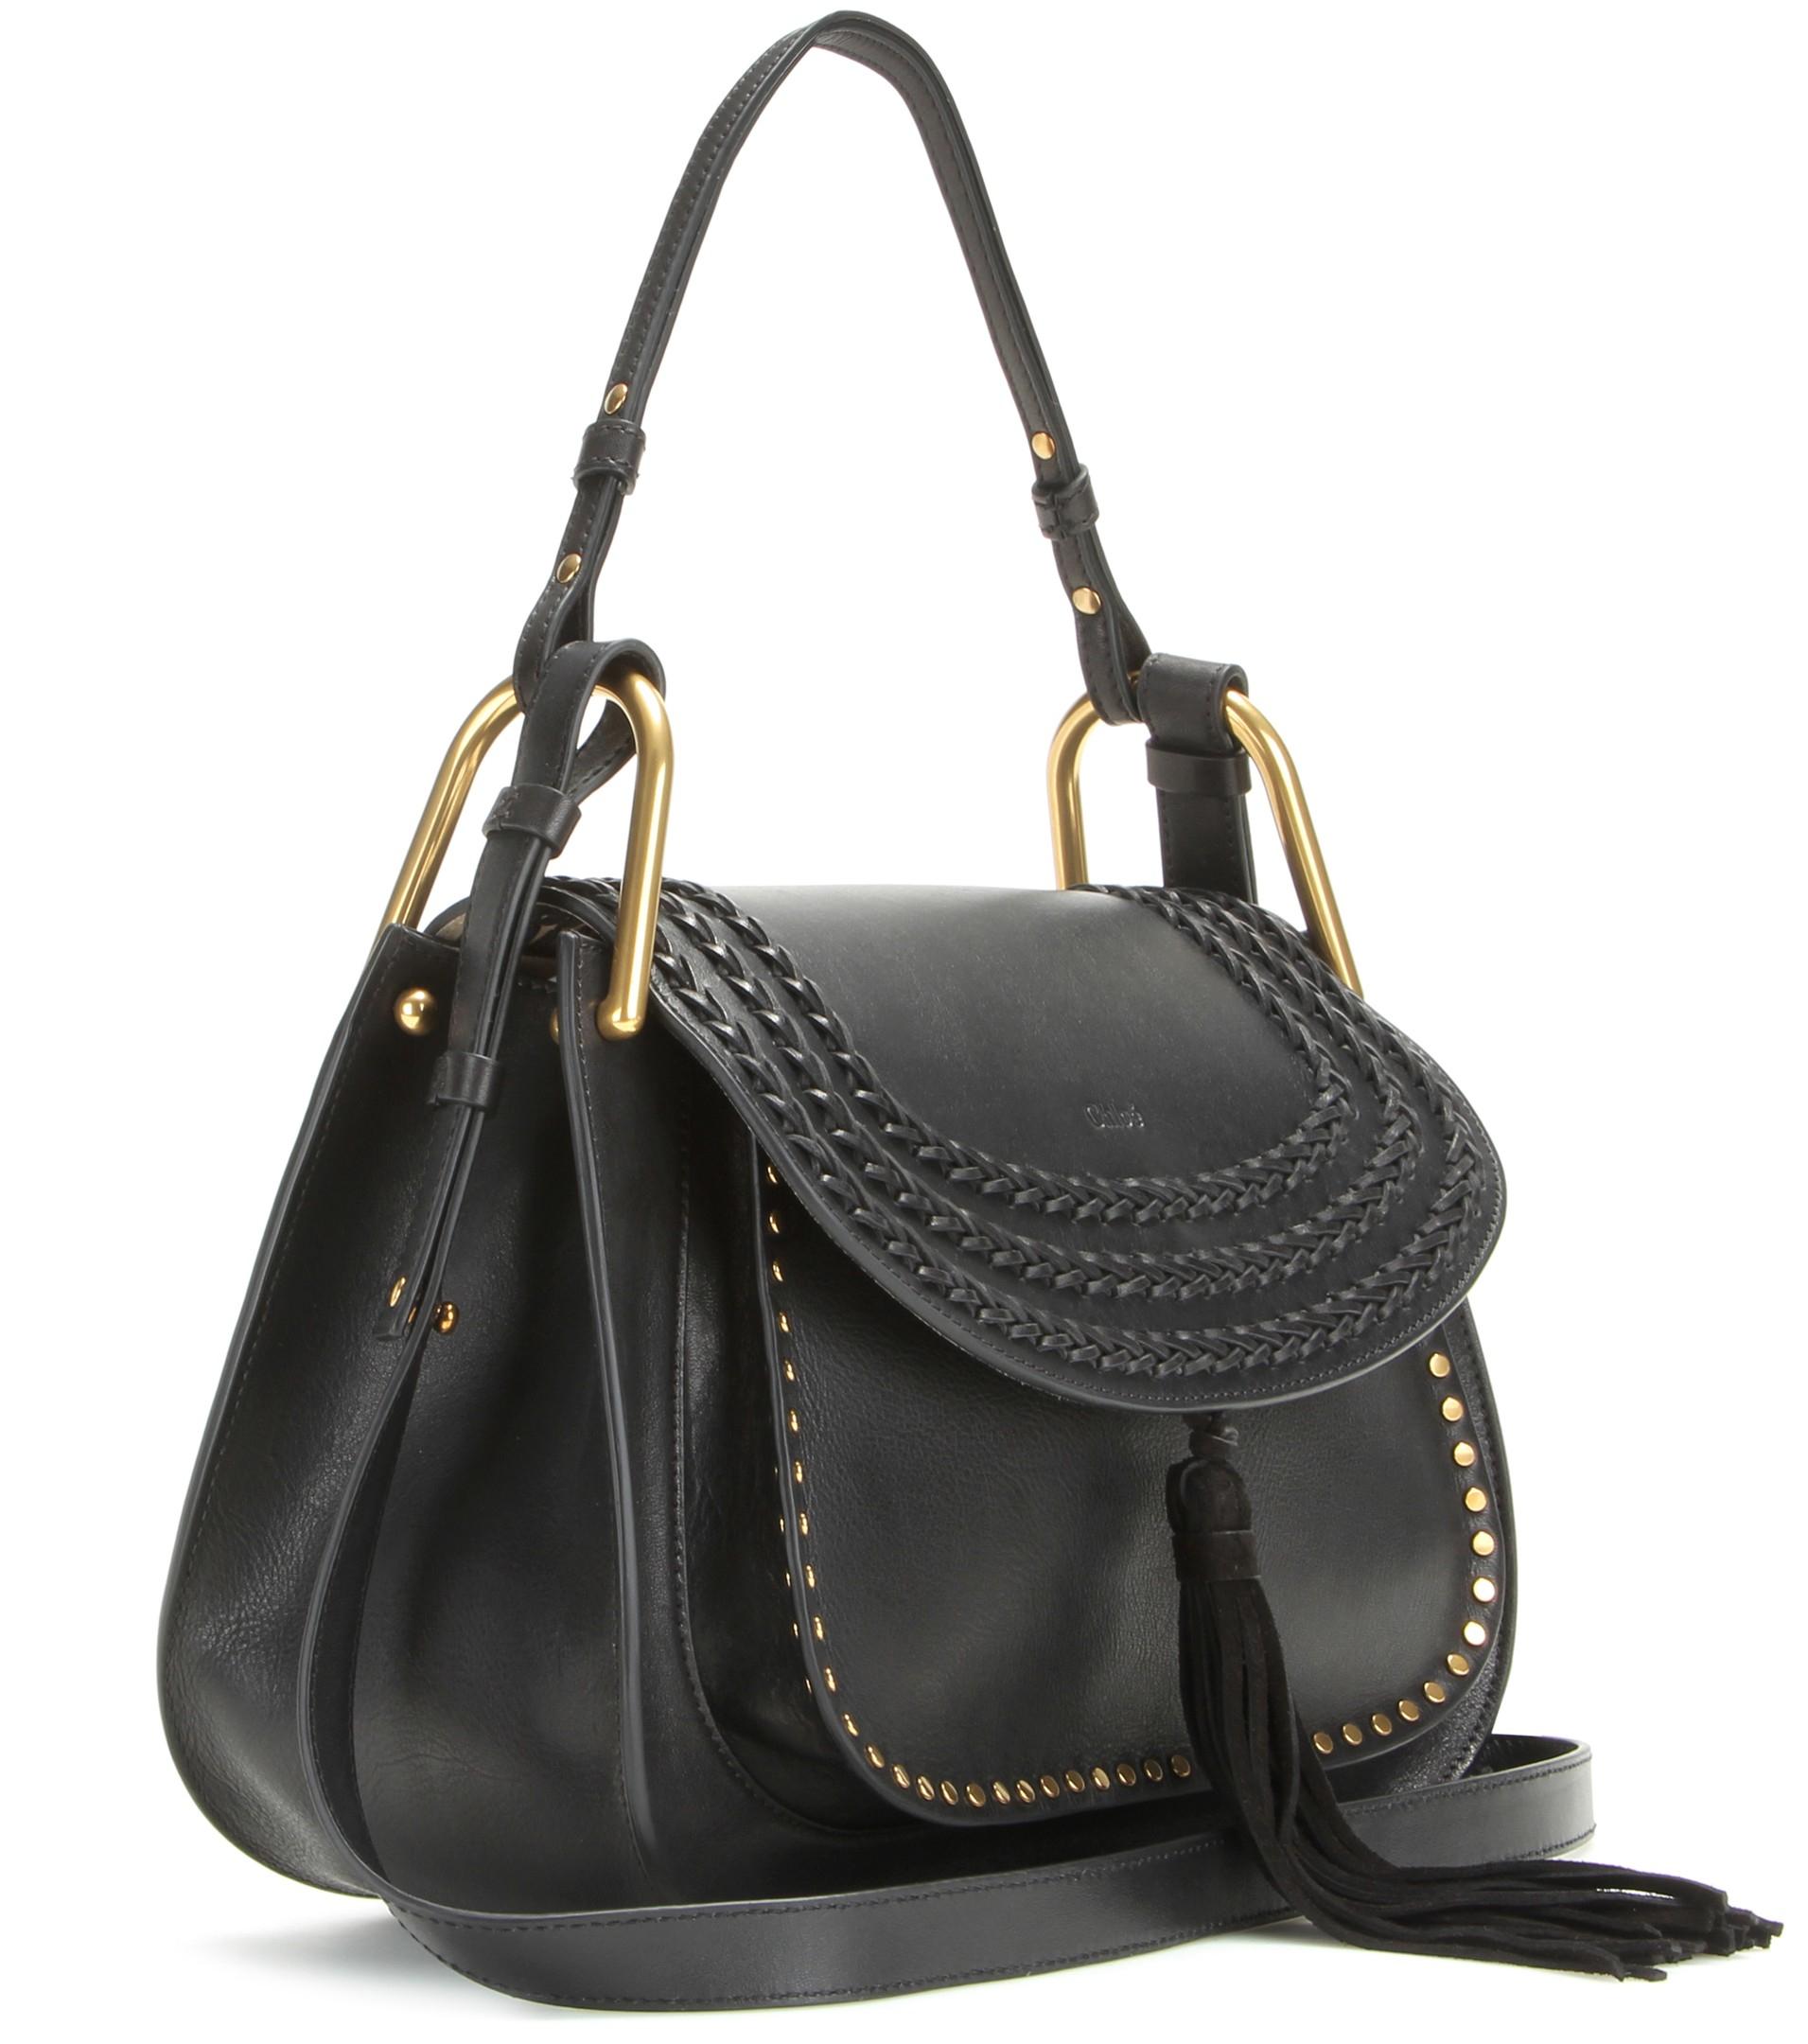 Chlo�� Hudson Leather Shoulder Bag in Black | Lyst